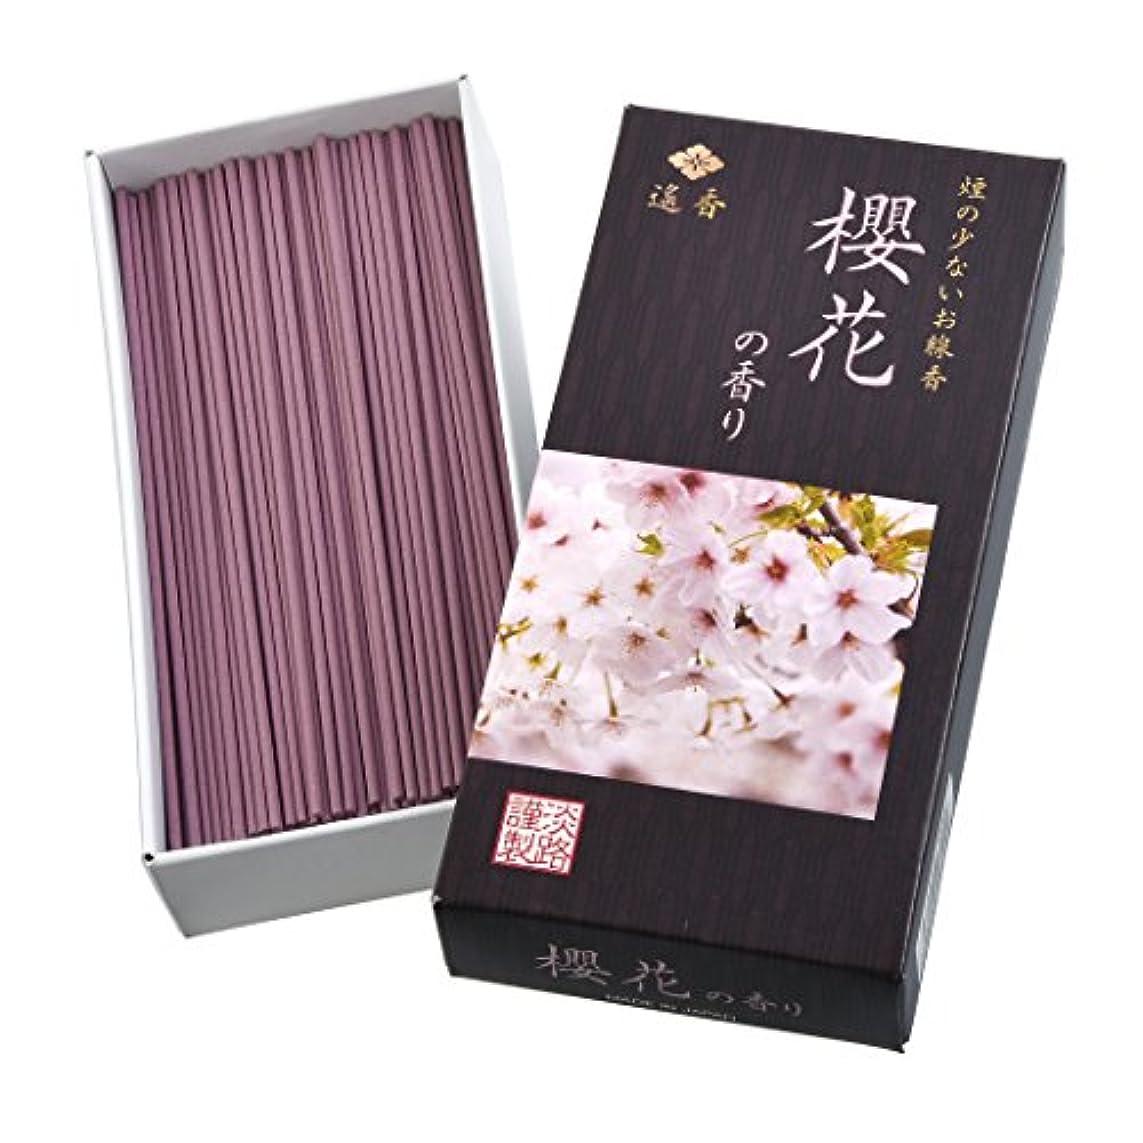 危険な冷蔵庫分割良生活 遙香 櫻花の香り